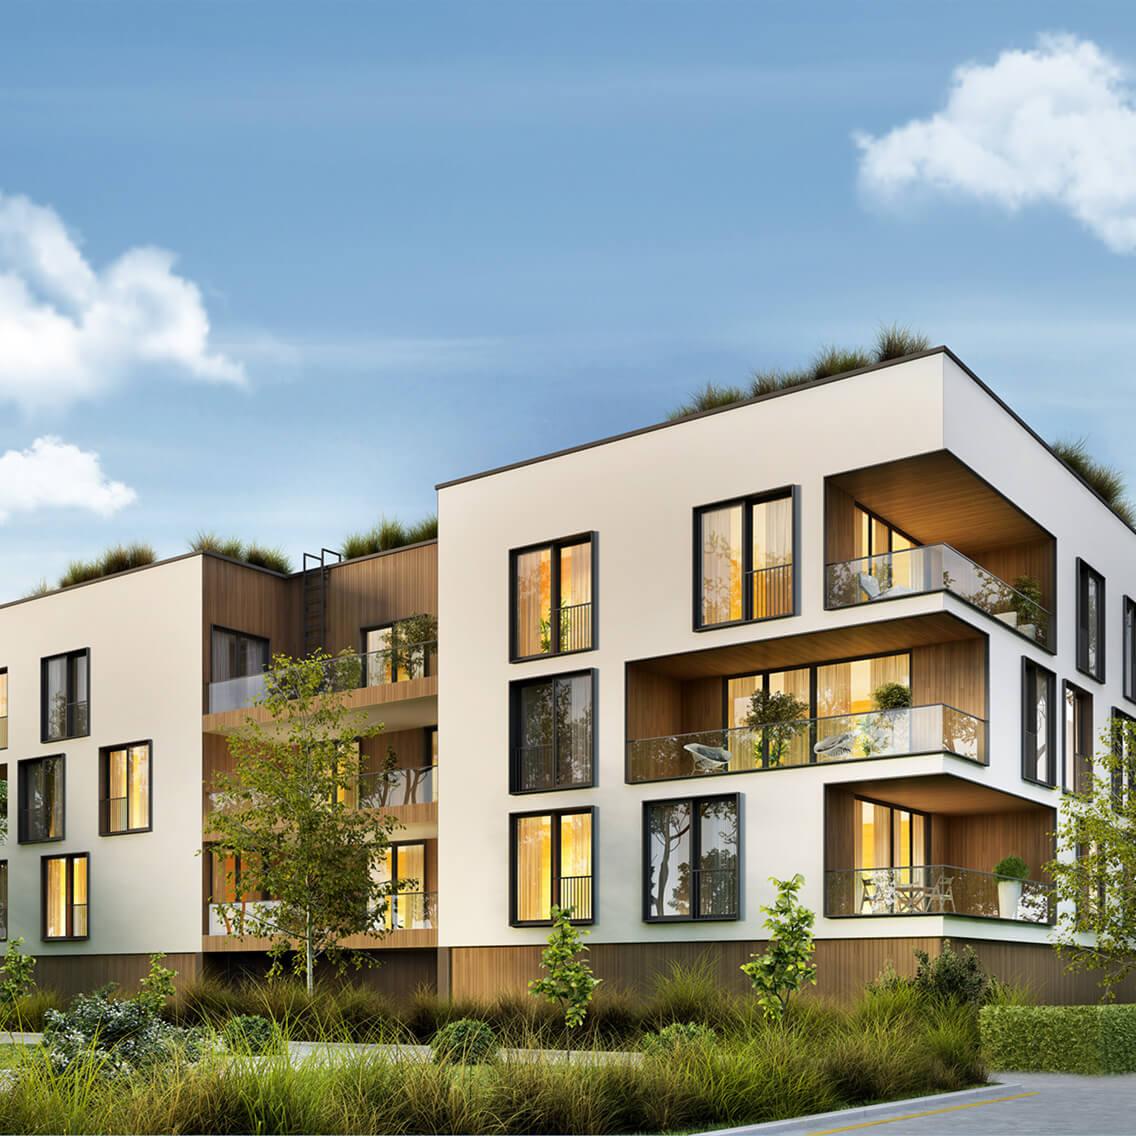 Monteuer von Hümmer Elektrotechnik mit Ladesäule vor Mehrfamilienhäusern